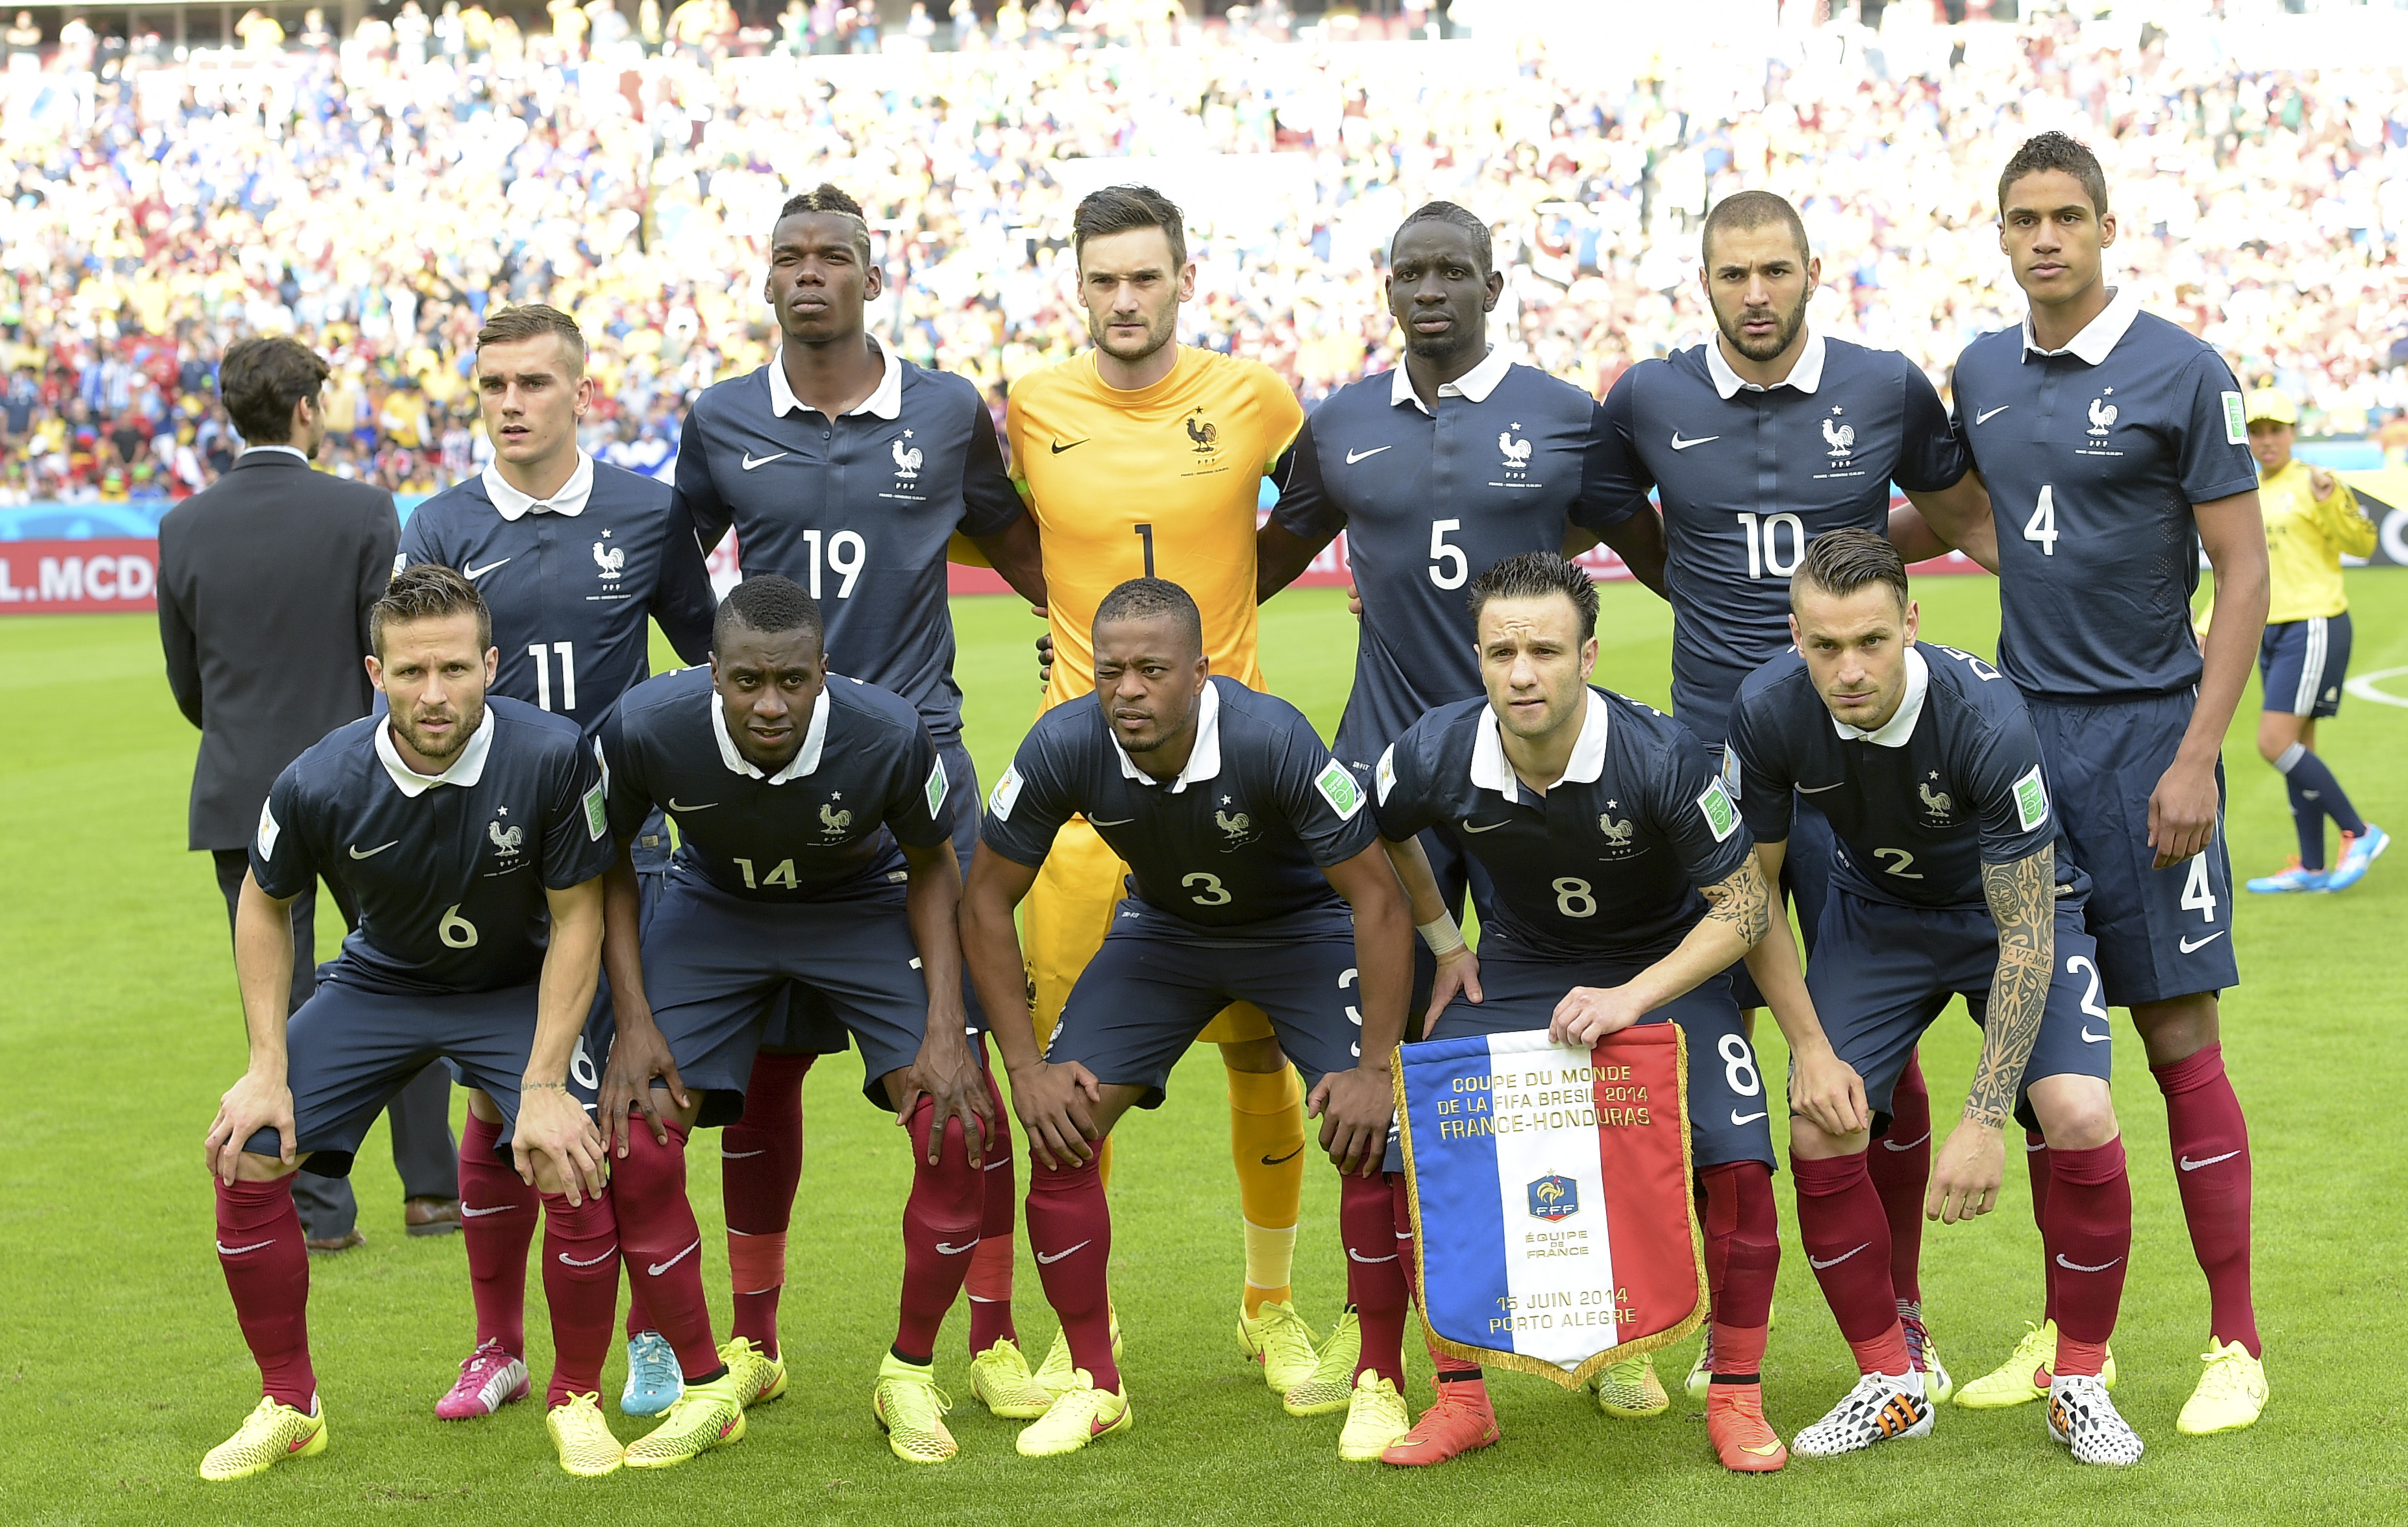 Marseillaise sakho d nonce un manque de respect equipe de france 2014 br sil coupe du - Jeux de football coupe du monde 2014 ...